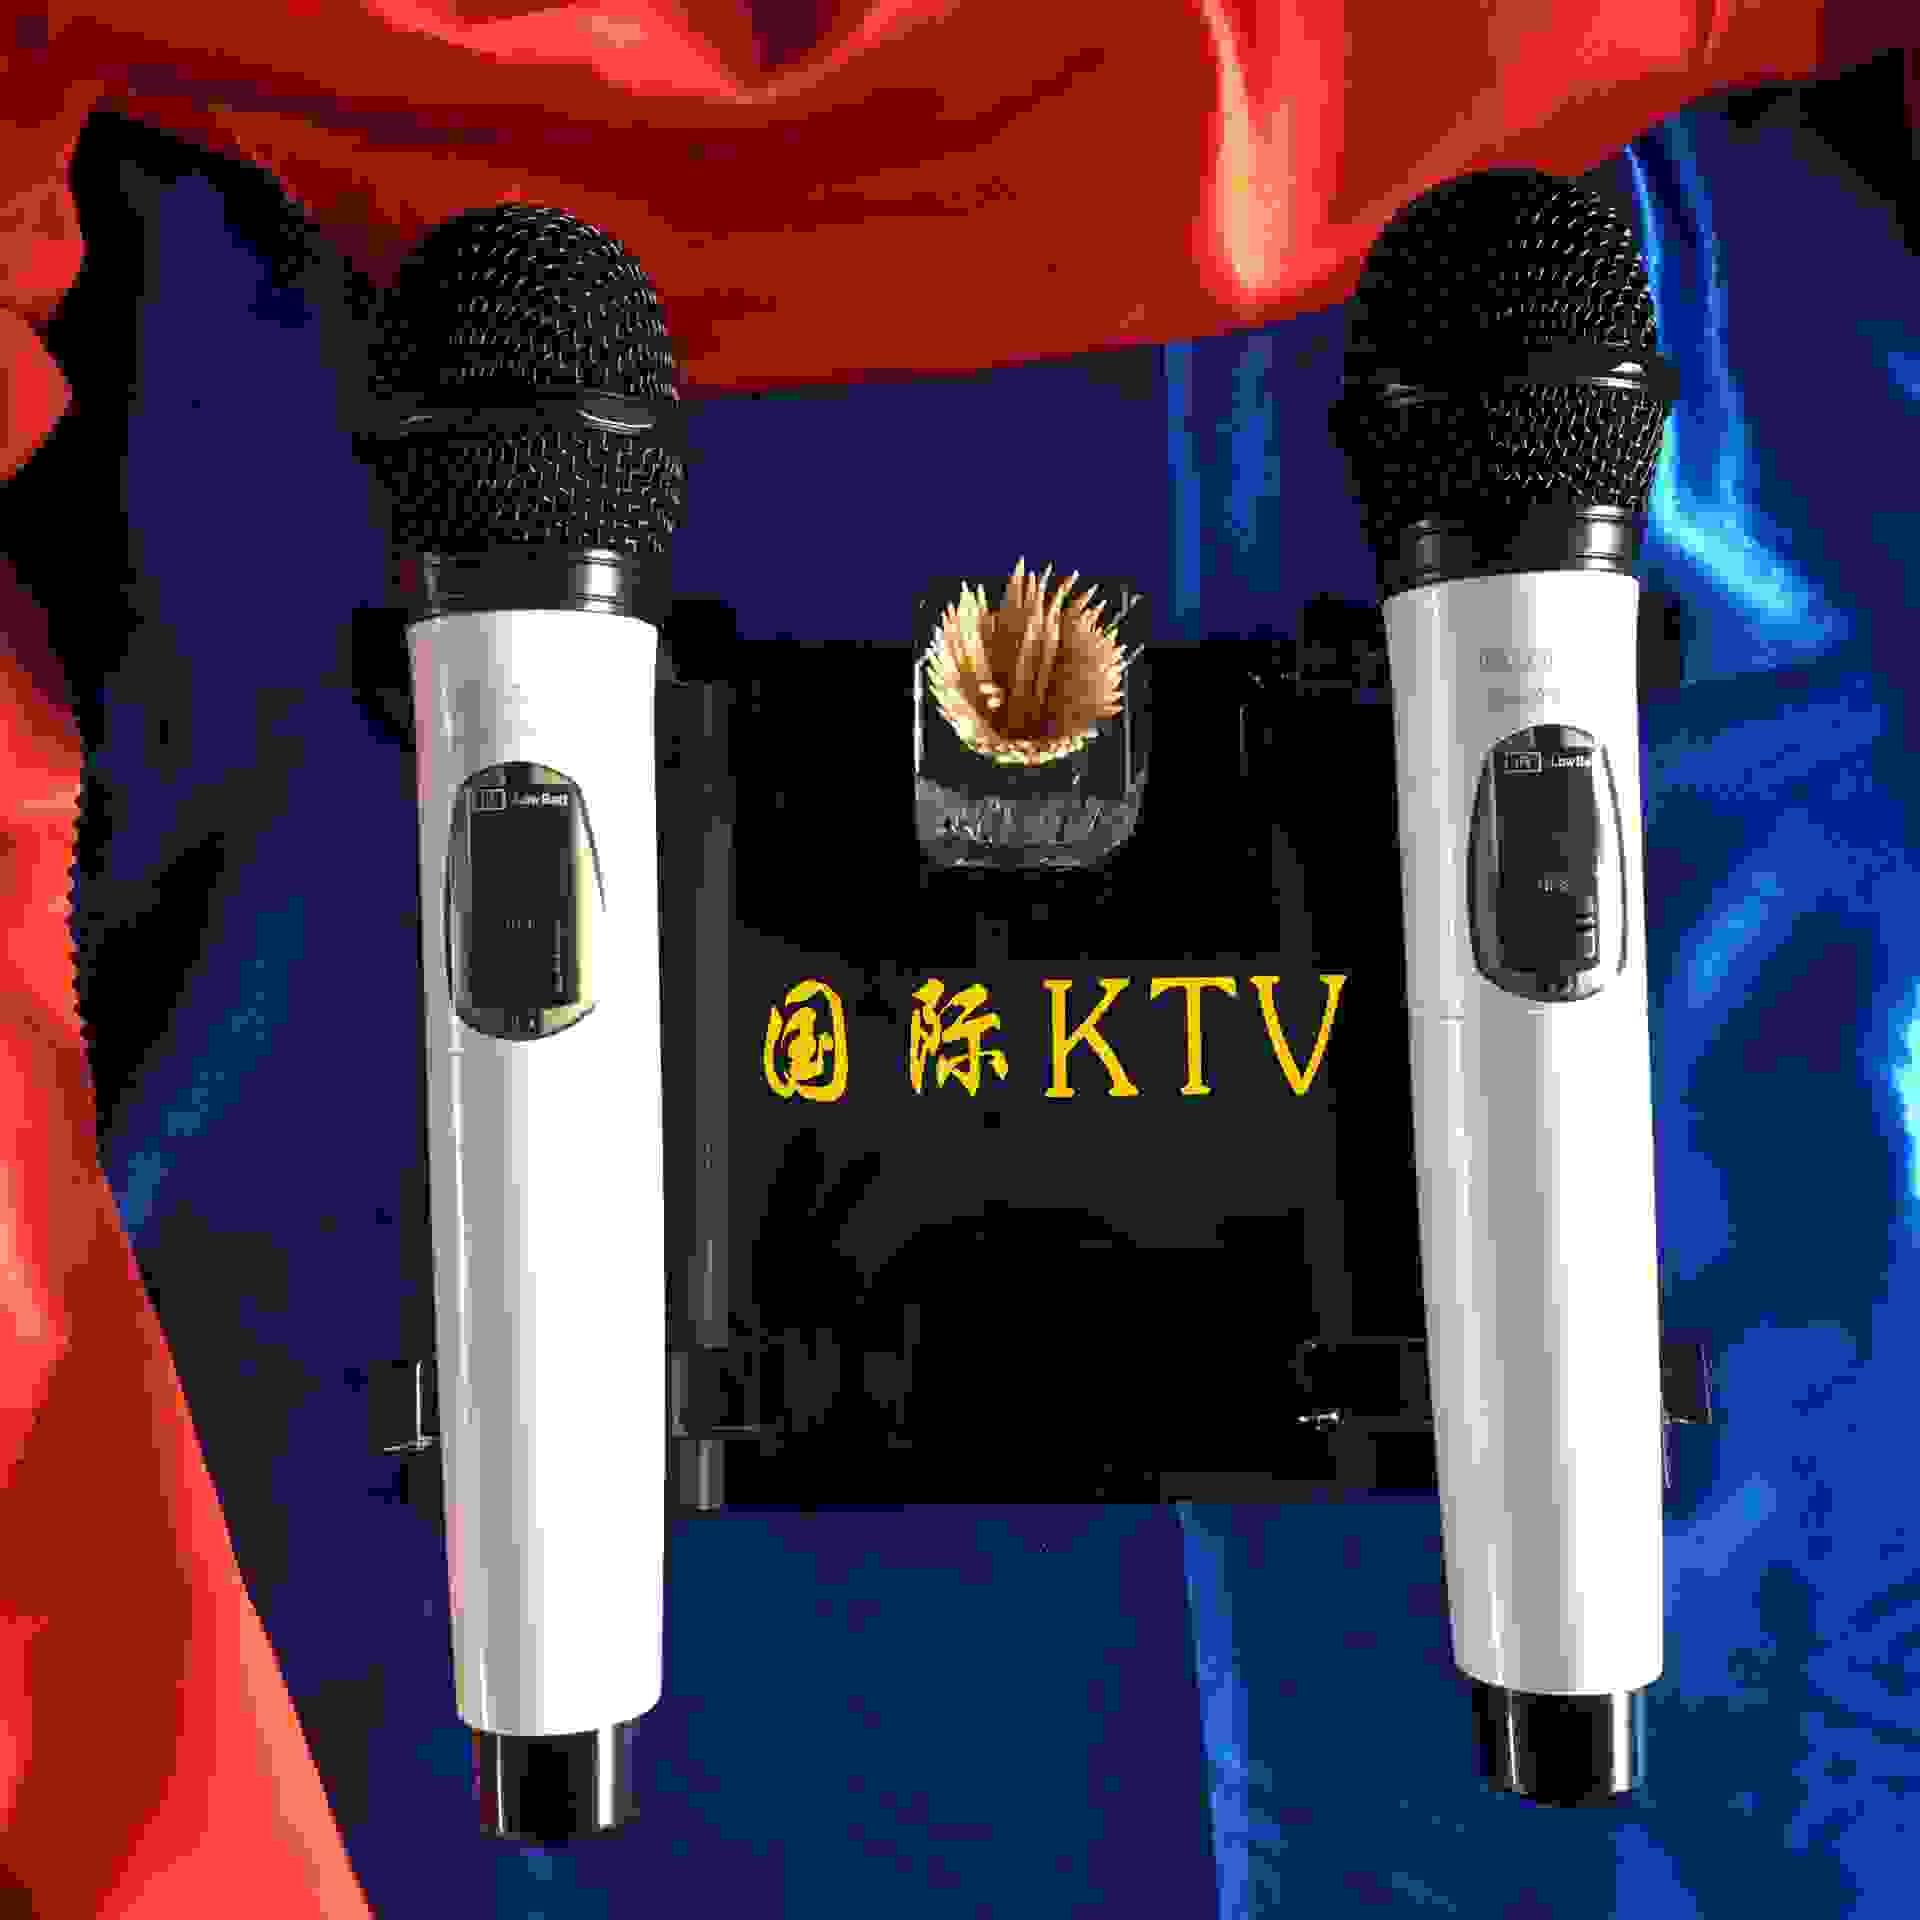 水晶话筒架 KTV水晶麦克风架可定制logo话筒底座创意水晶工艺品